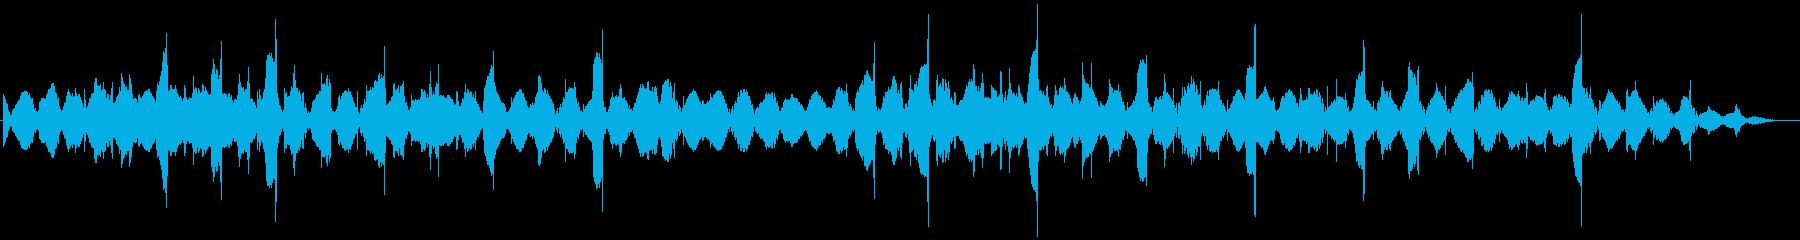 シーケンス バスベル01の再生済みの波形